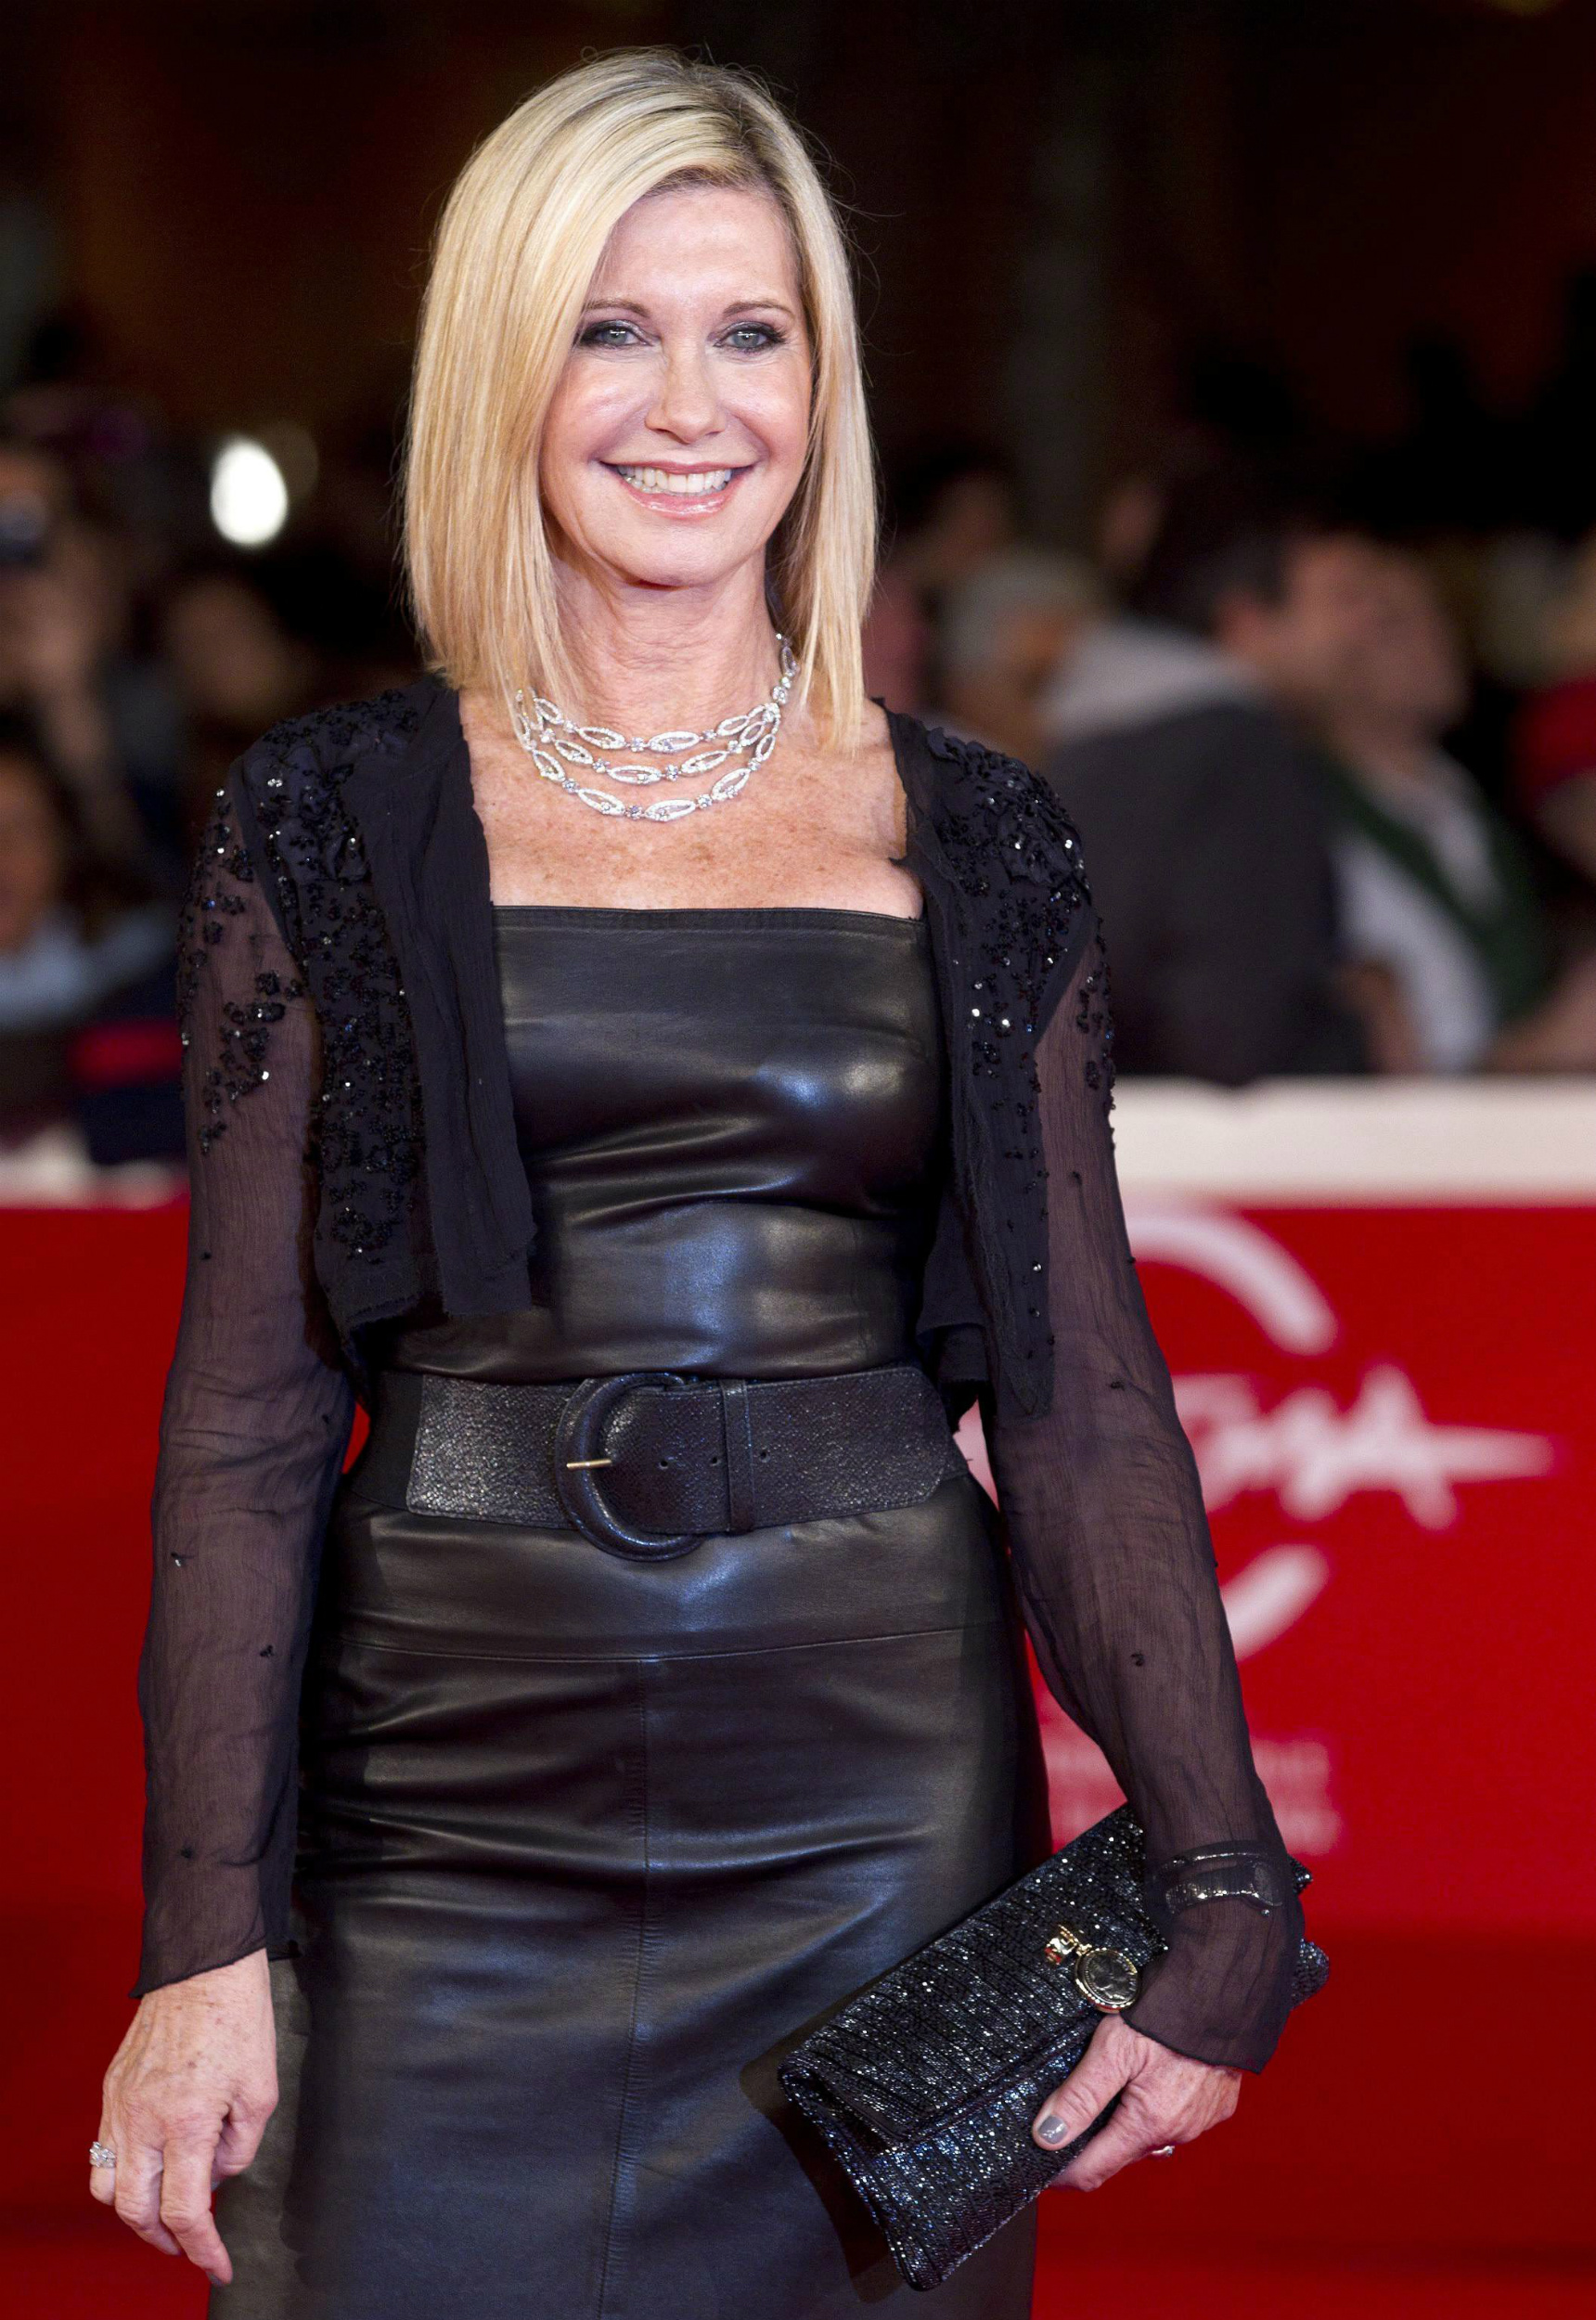 Tras superar un cáncer de mama, la actriz y cantante Olivia Newton-John se ha volcado en la lucha de esta enfermedad. EFE/Claudio Peri